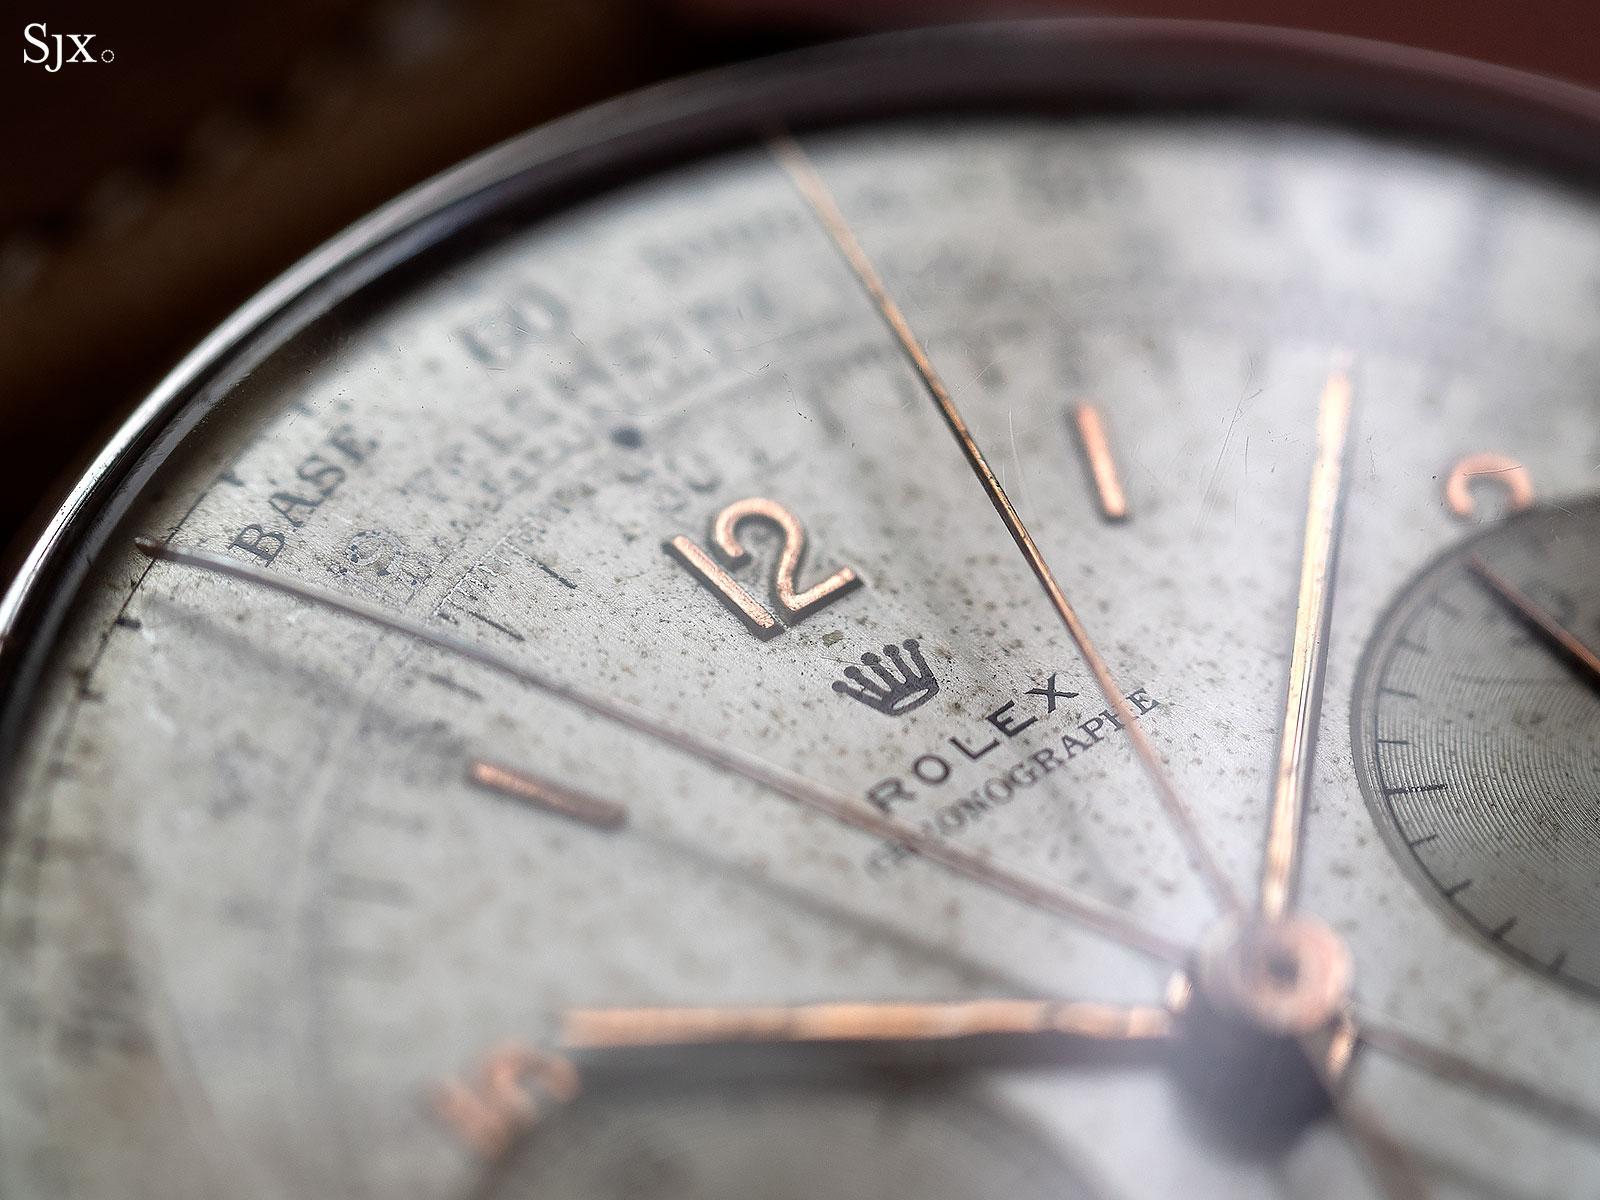 Rolex 4113 split seconds chronograph 6